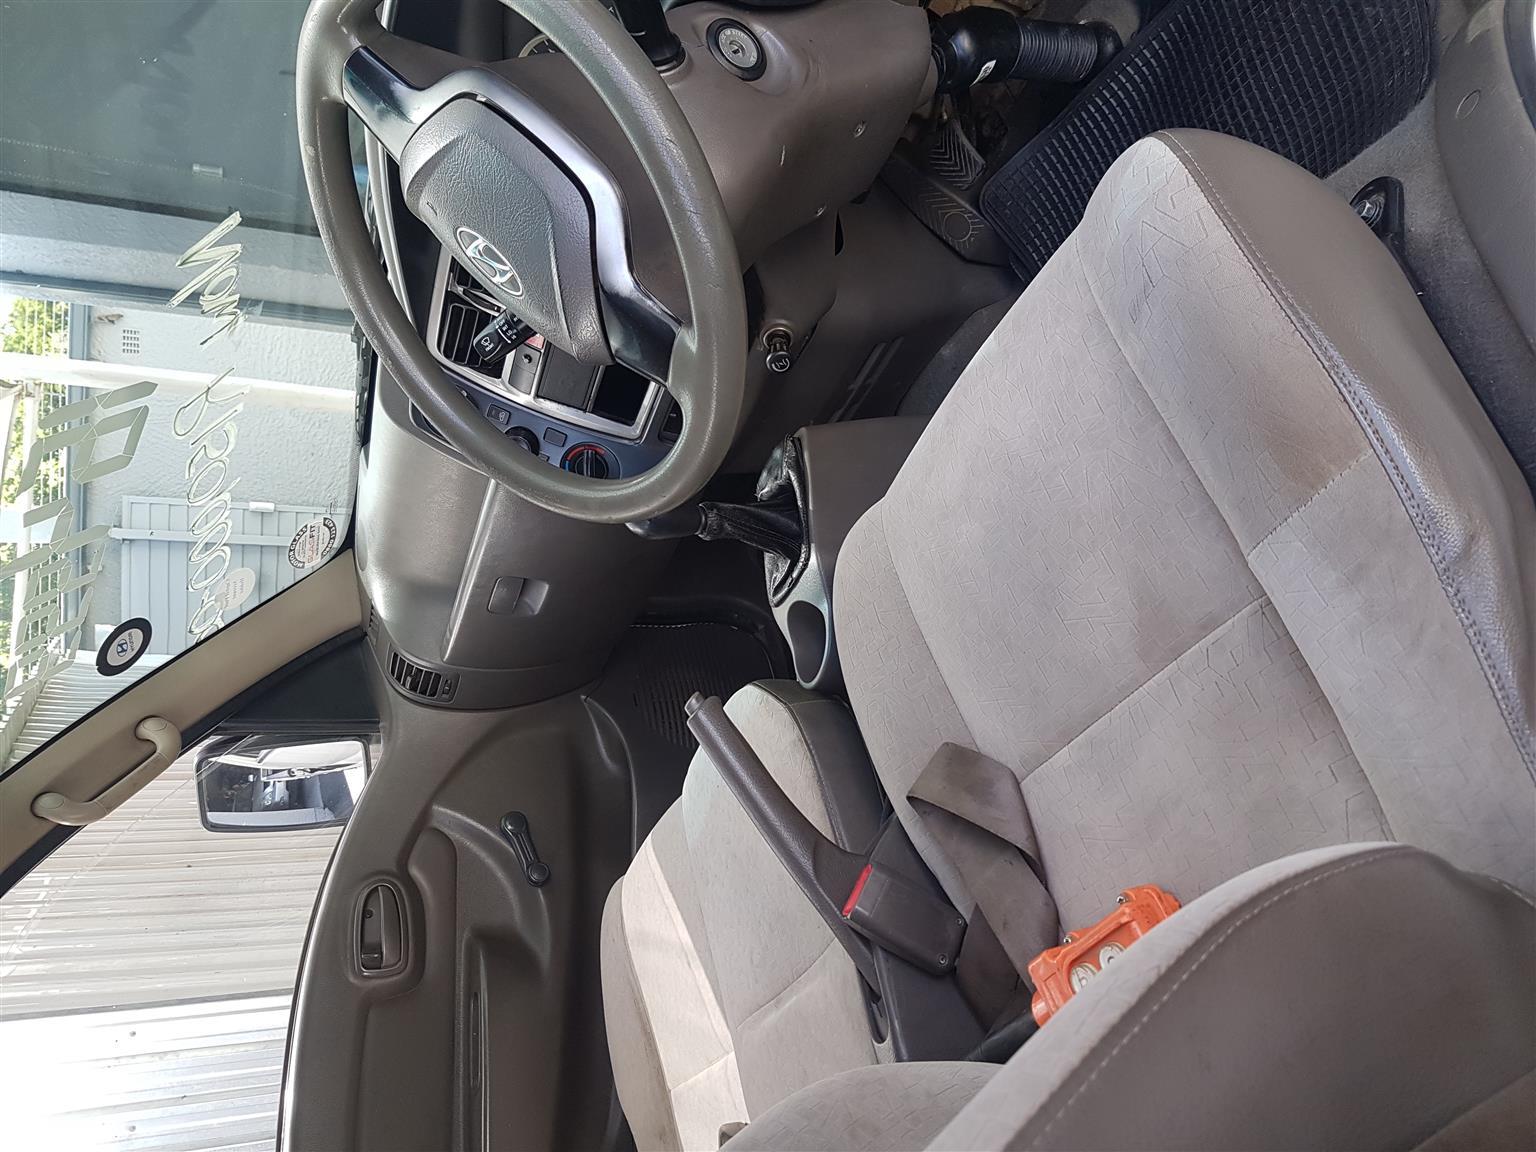 2012 Hyundai H-100 Bakkie 2.6D tipper